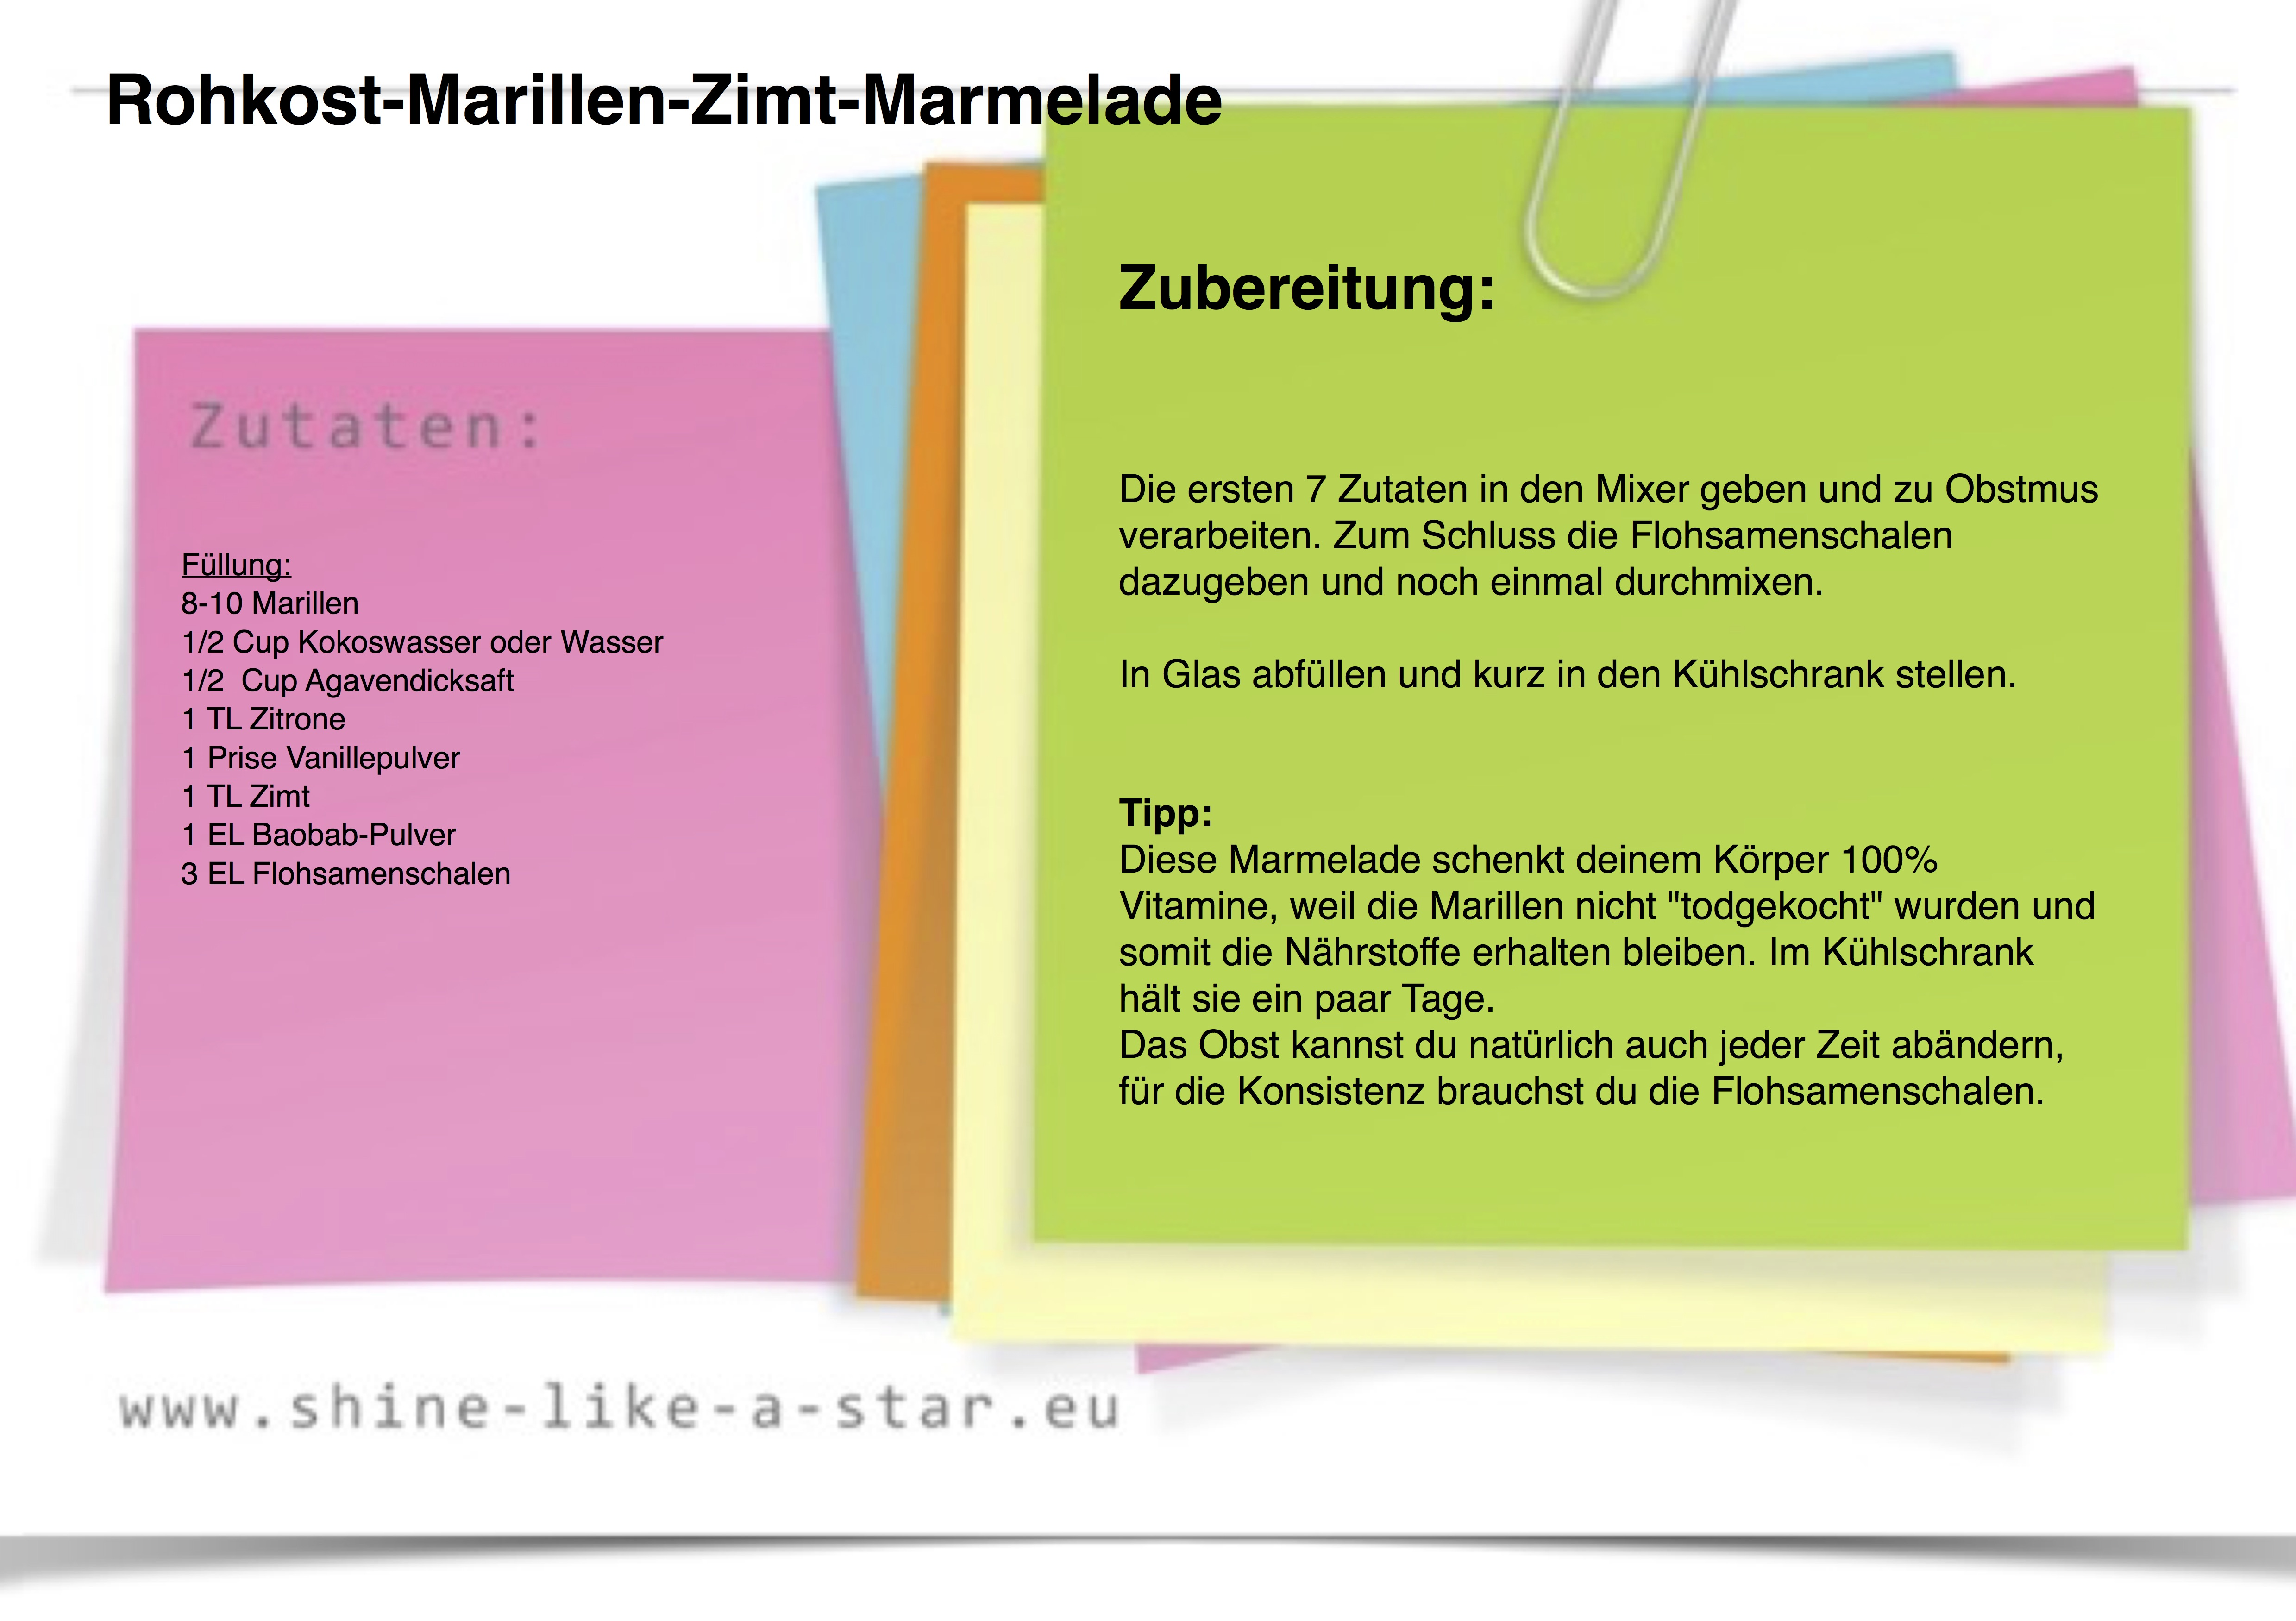 Rohkost-Marillen-Zimt-Marmelade